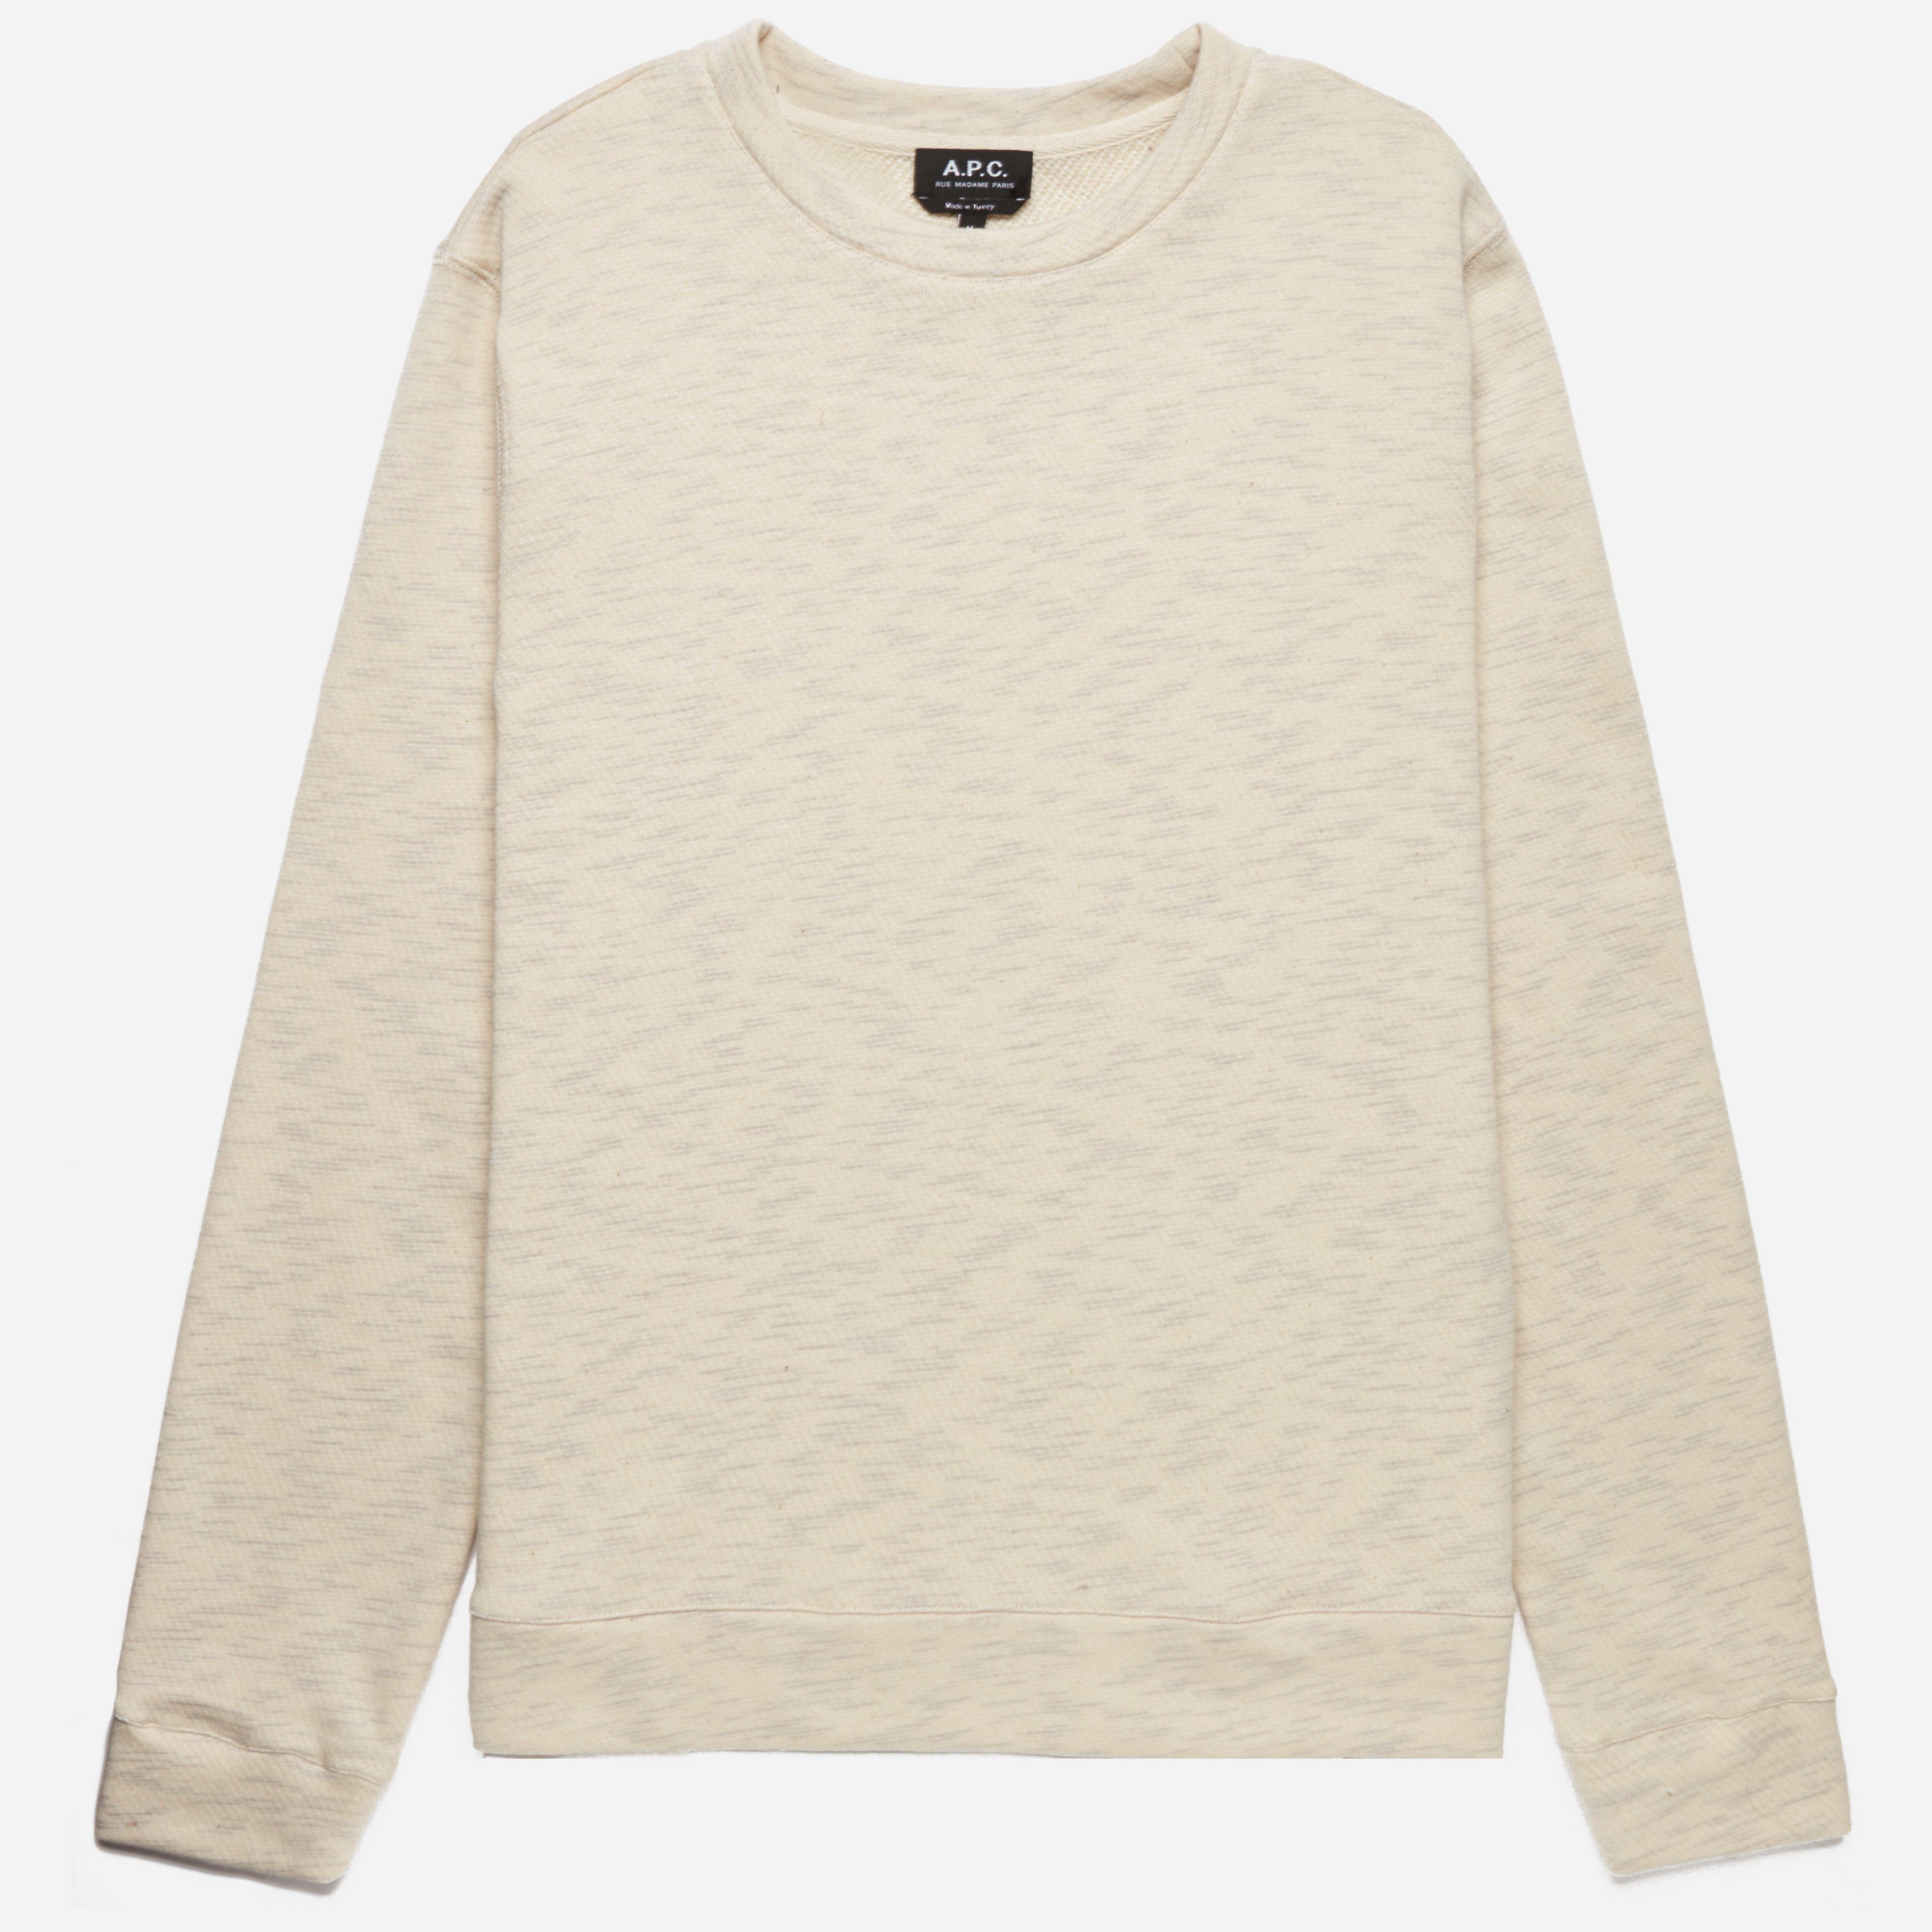 A.P.C Bros Sweatshirt